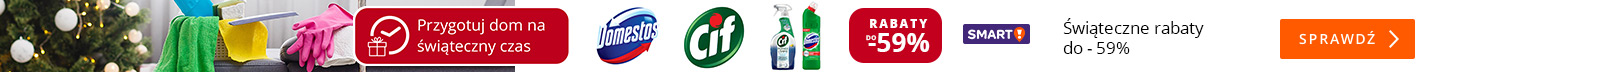 unilever 1600x72 cleaning packshot nr 6